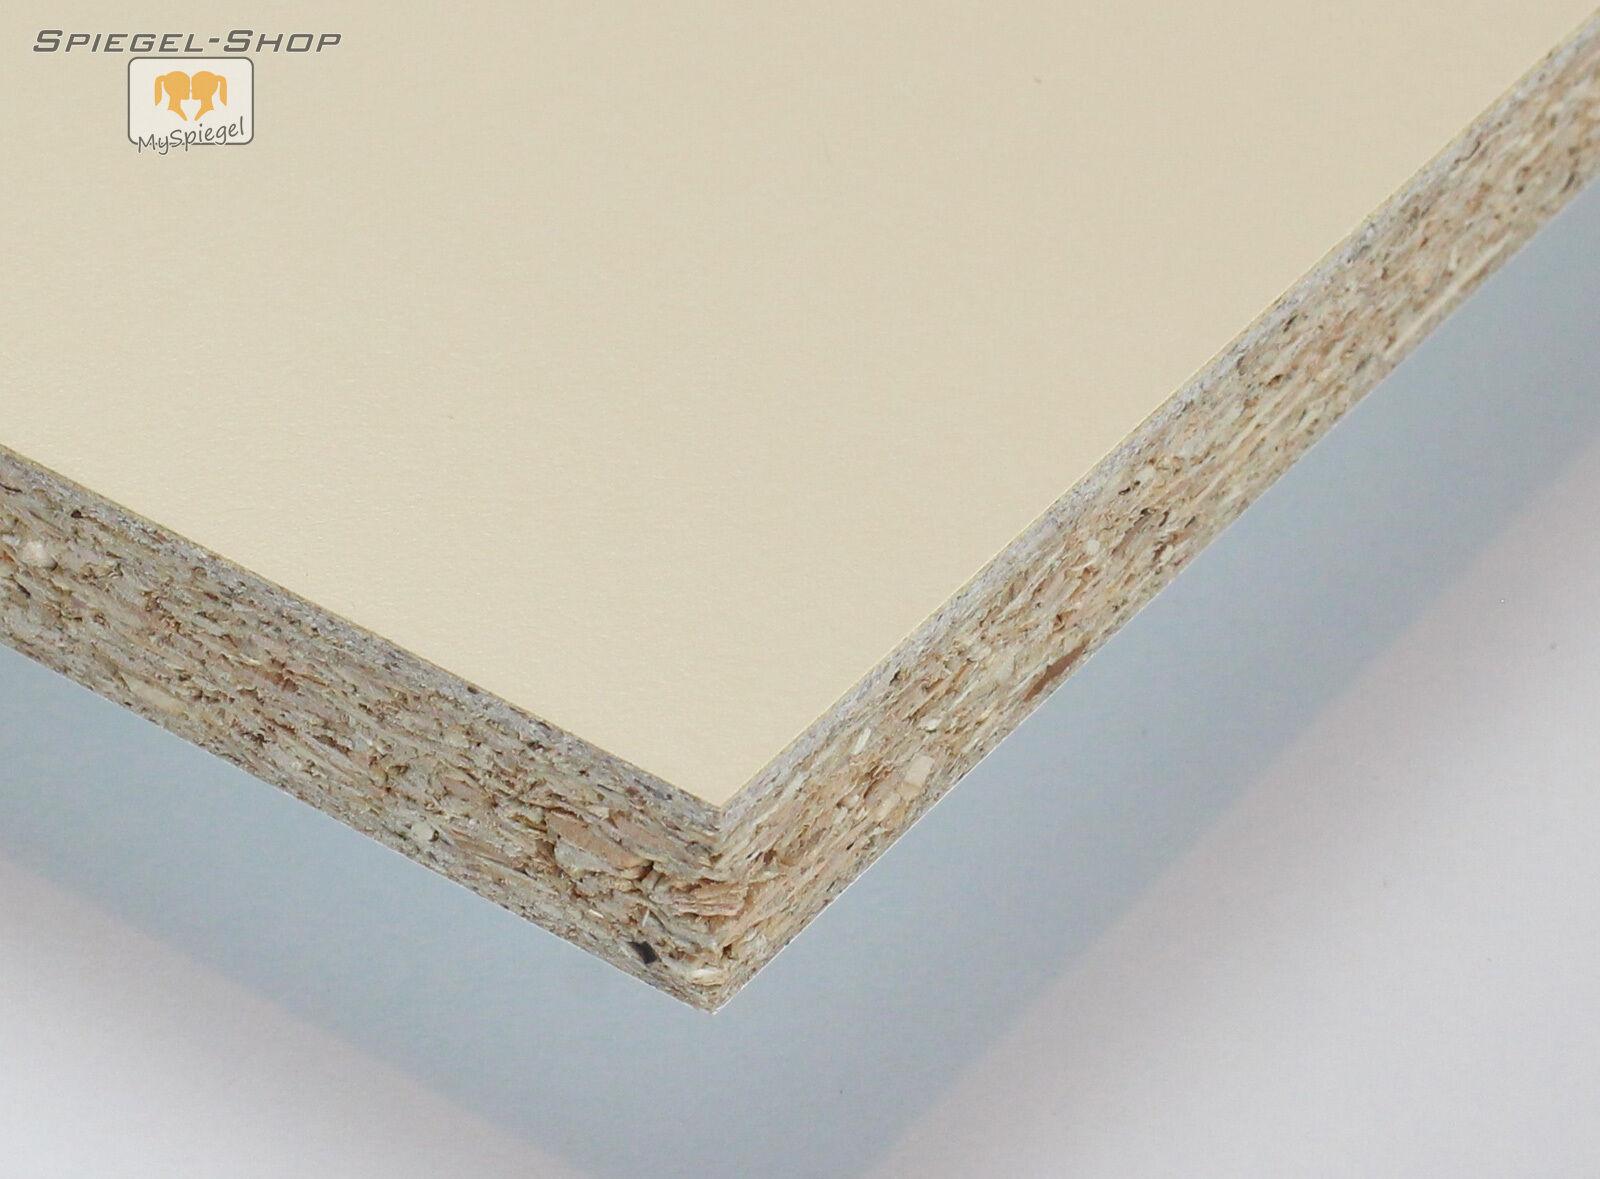 dekor spanplatte 19mm holzzuschnitt spanplatten eierschale eur 16 30 picclick de. Black Bedroom Furniture Sets. Home Design Ideas